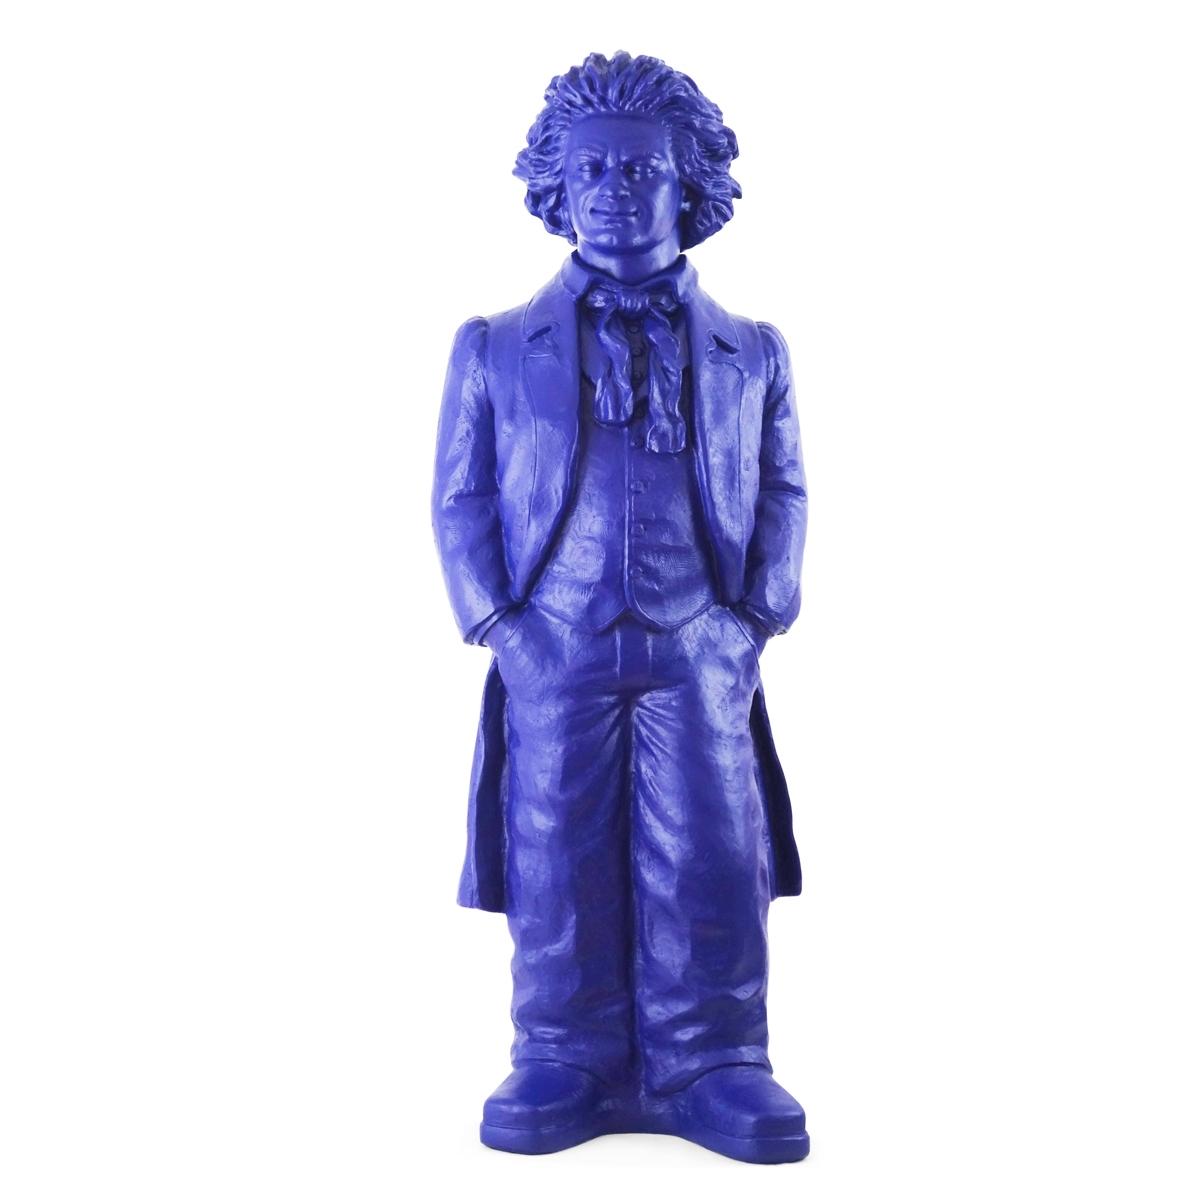 Ludwig van Beethoven - nachtblau, signiert